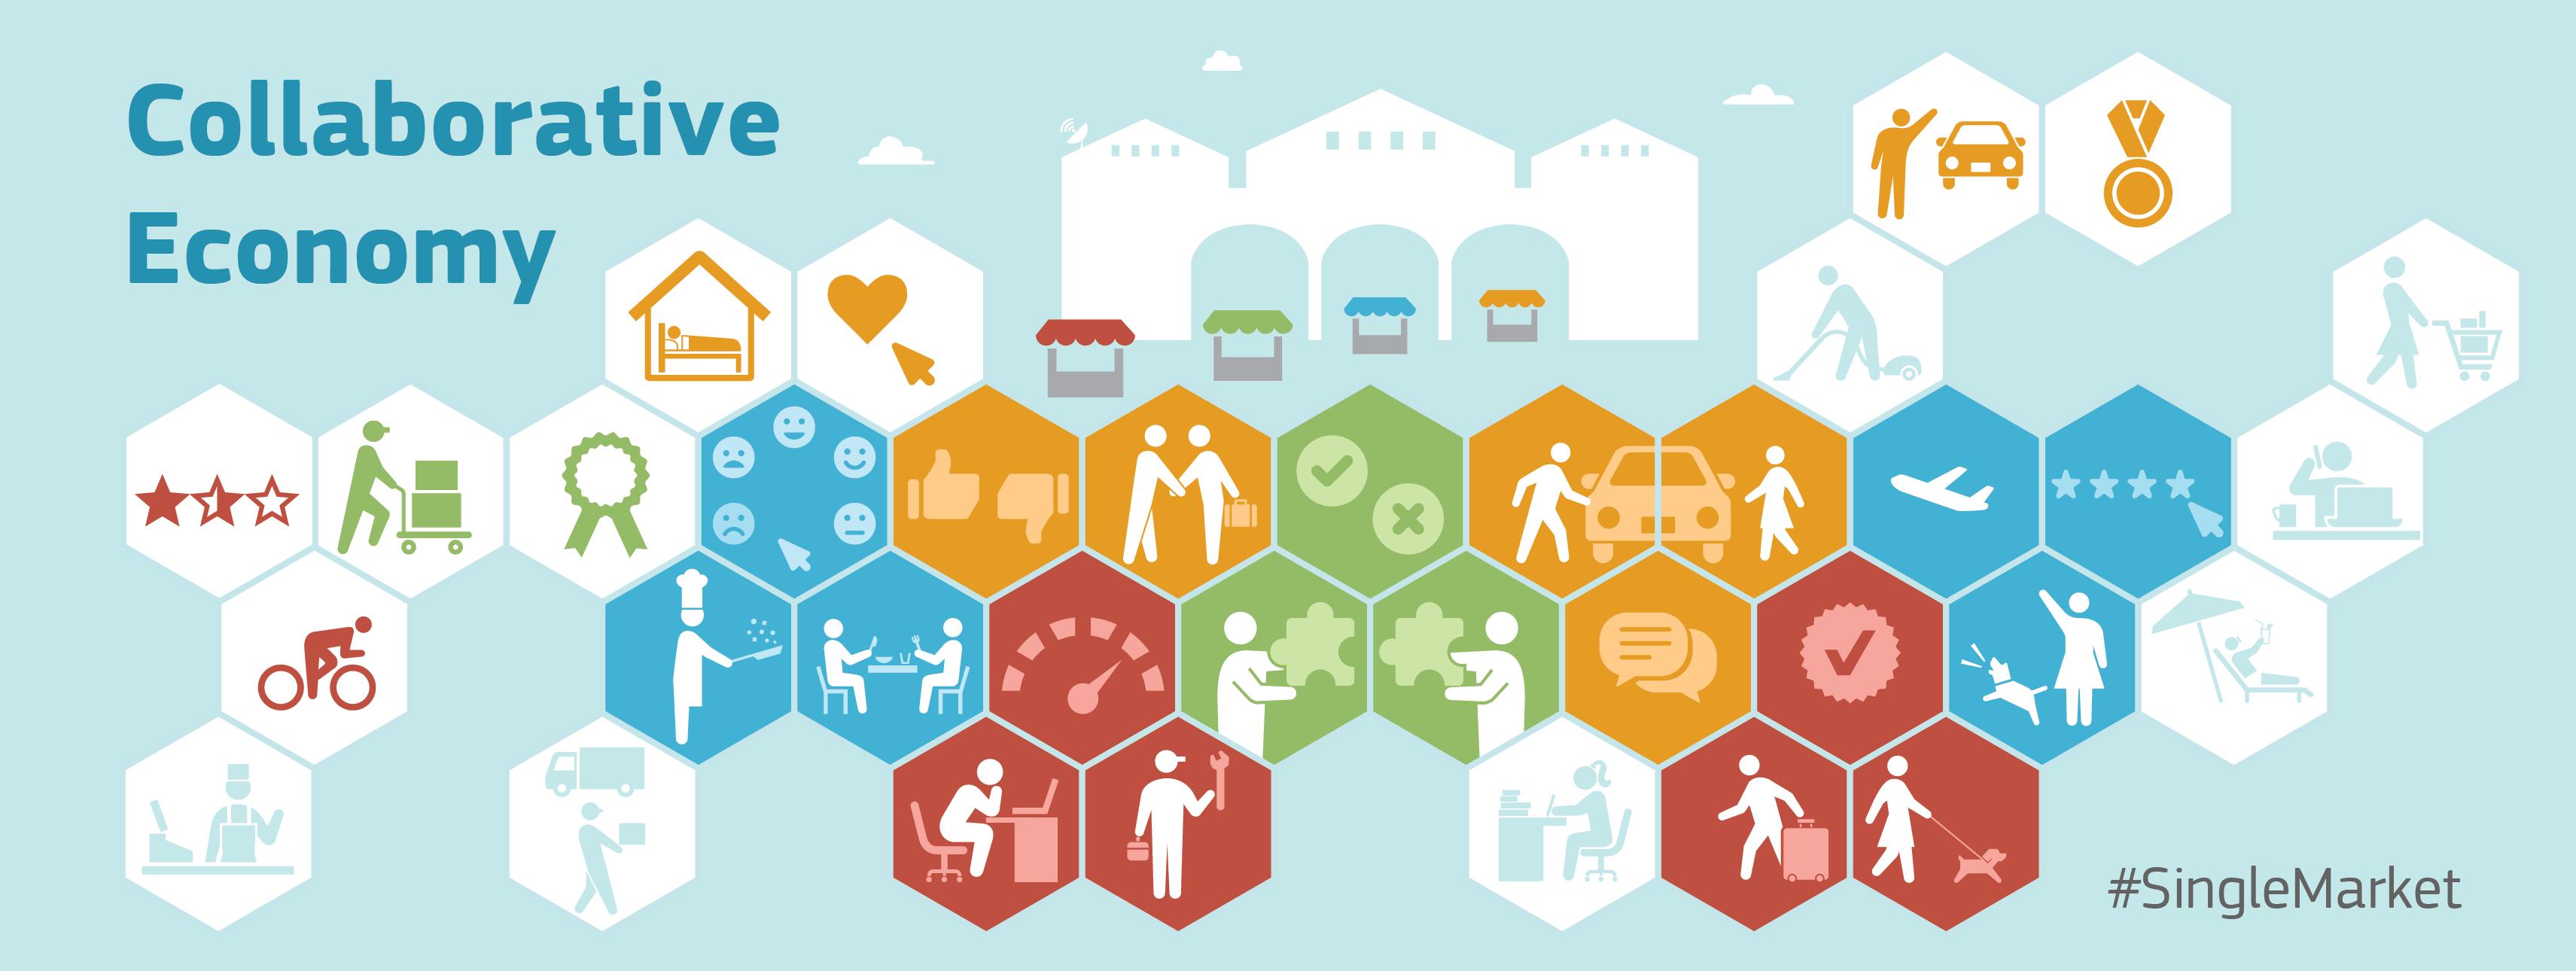 Collaborative economy-europe